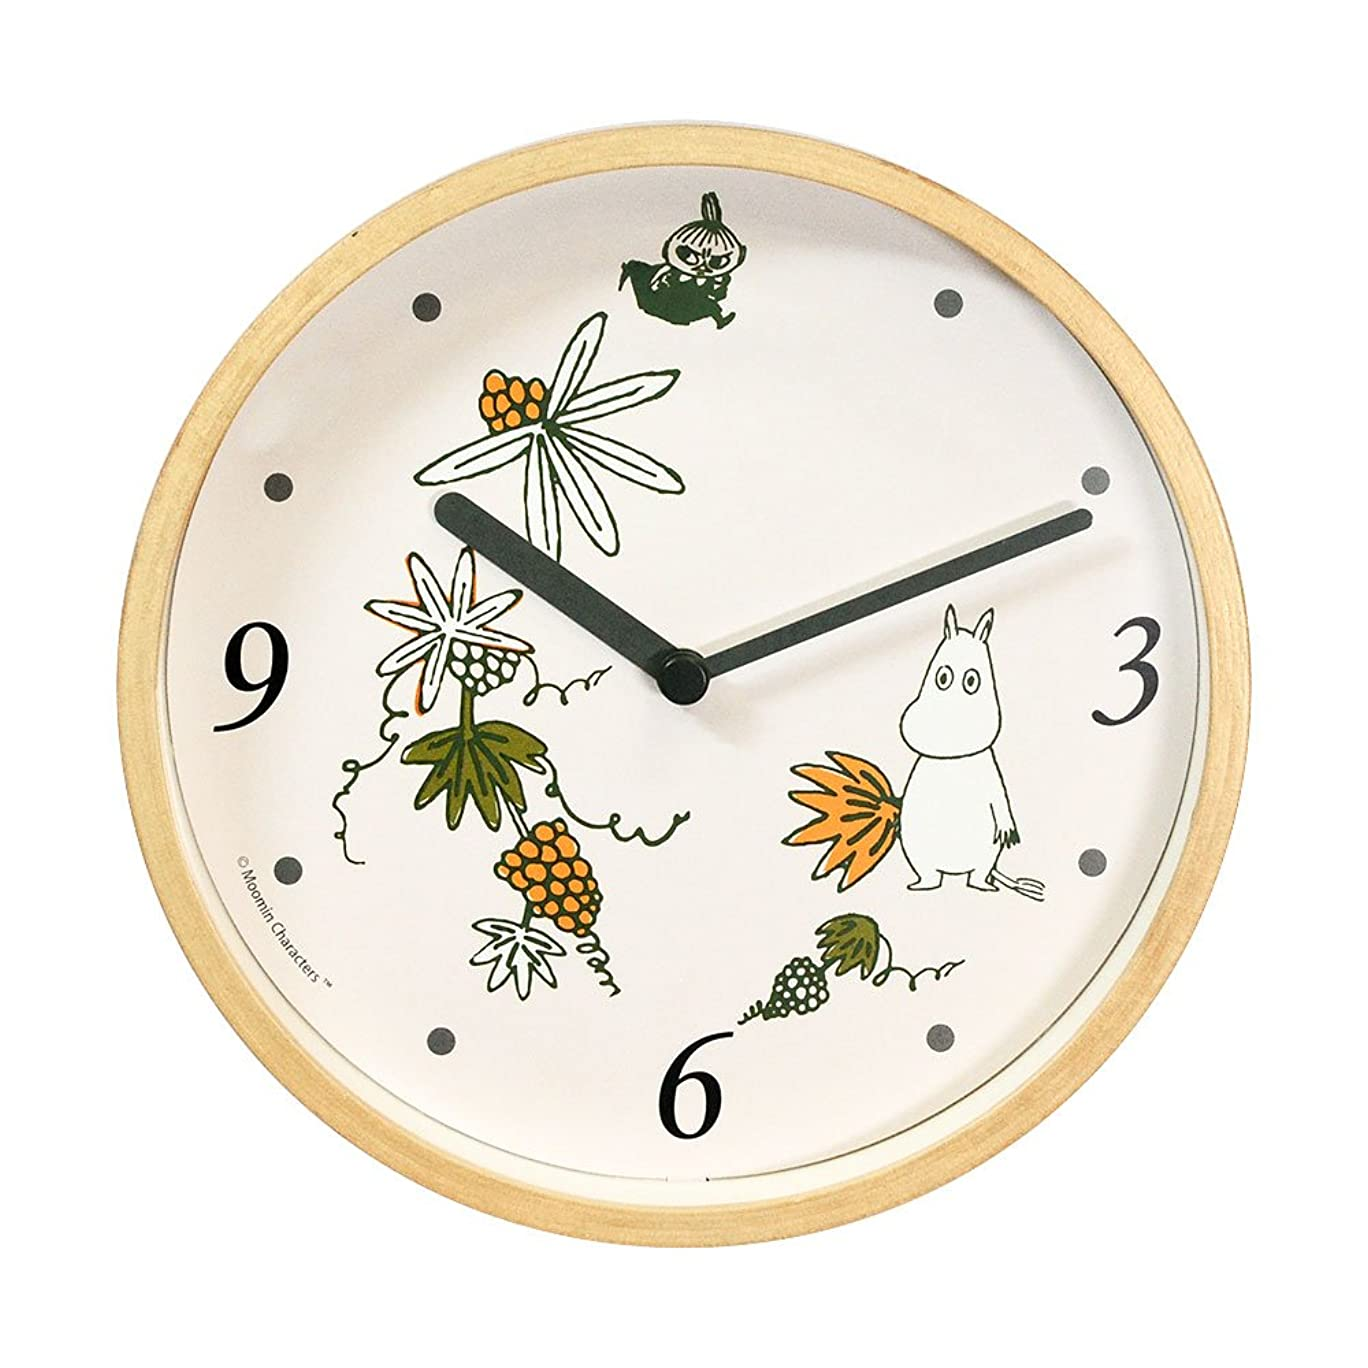 からに変化する個人的な宙返りMoomin Clock ムーミン壁掛けクロック (ロストインバレー)